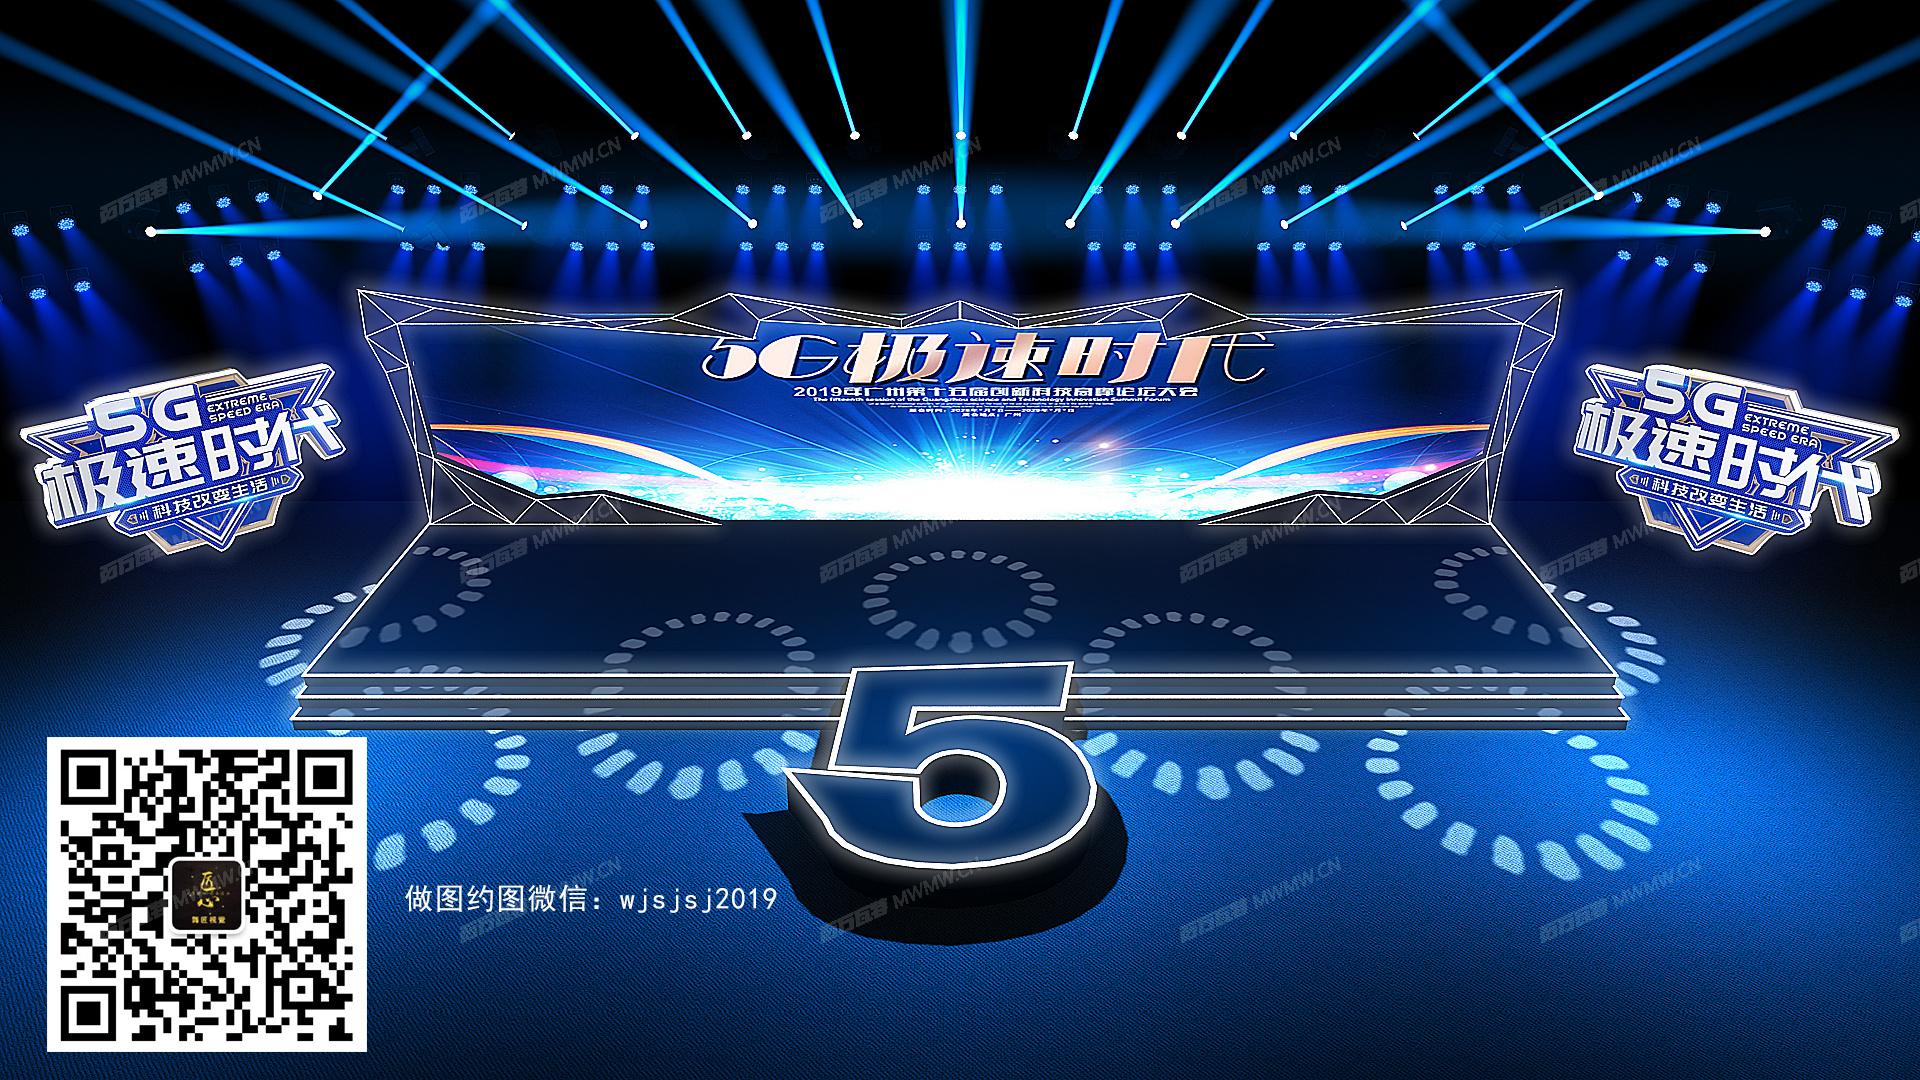 麦田舞美设计 舞美咖 5G会议舞美 5G发布舞美 舞美效果图 舞台效果图 舞美设计图 舞台设计图 会义舞台设计  ...